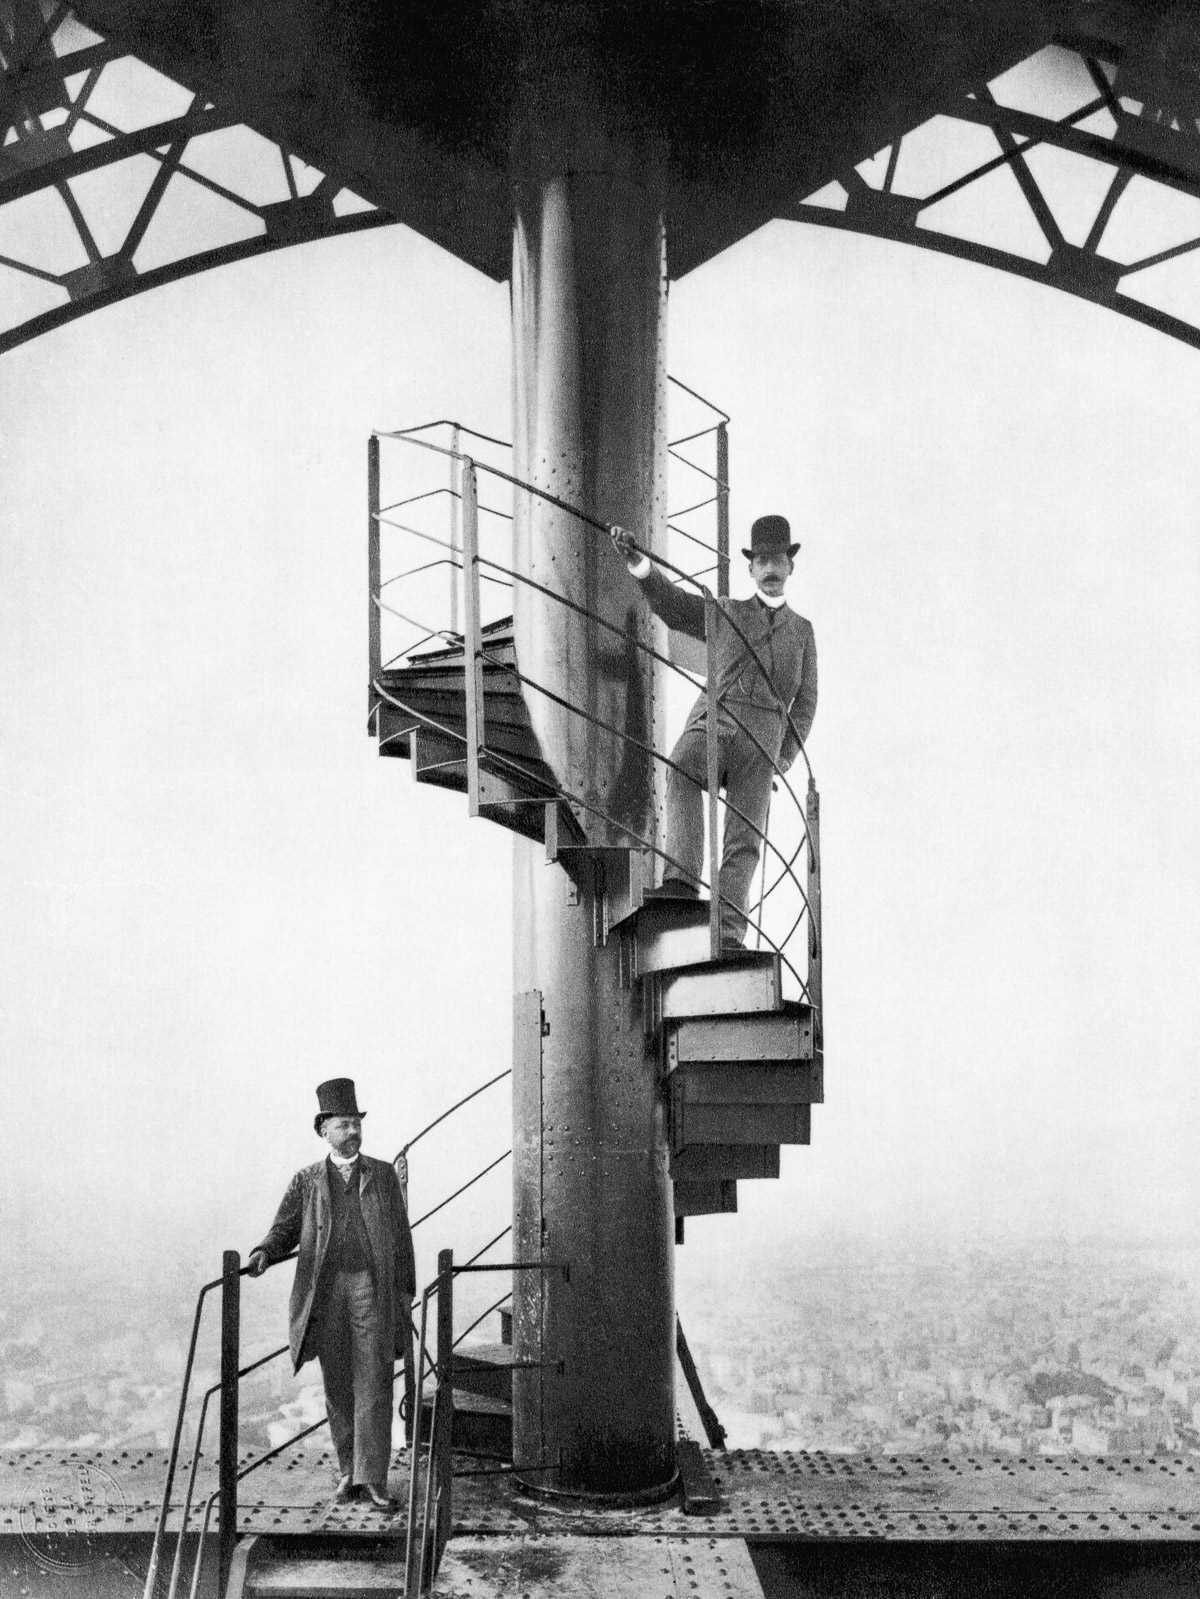 Этапы строительства Эйфелефой башни.